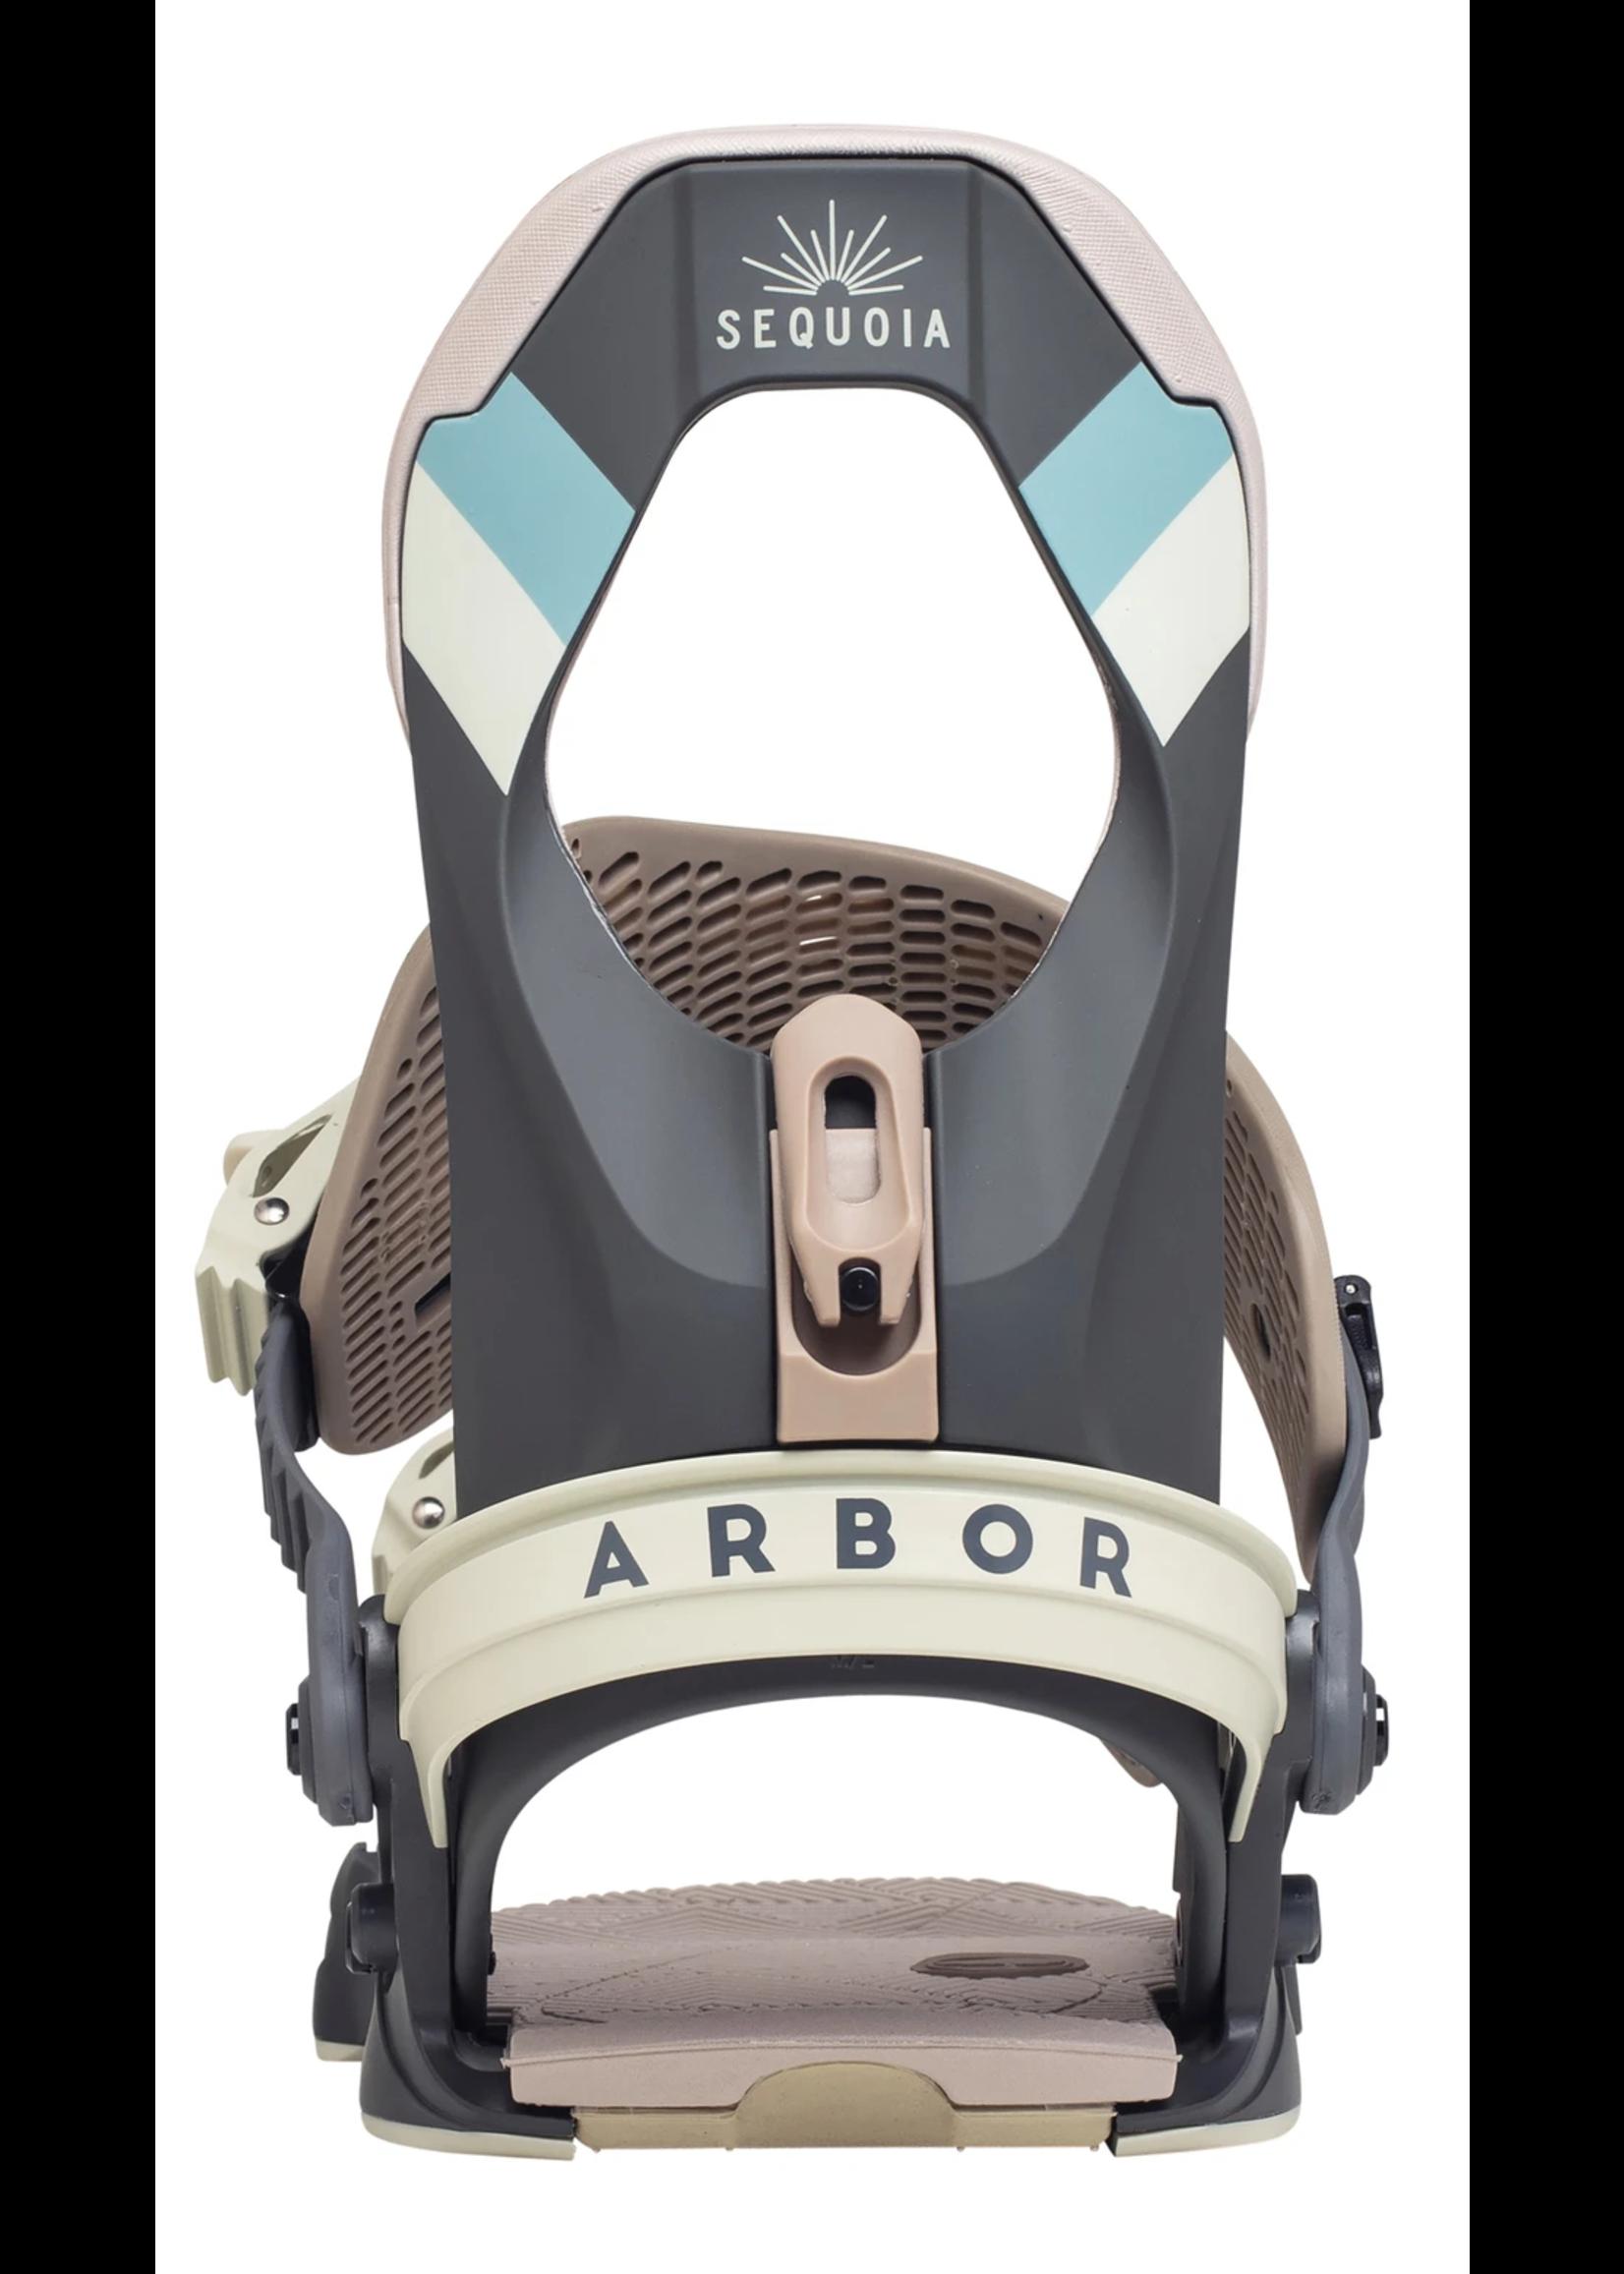 Arbor Snowboards SEQUOIA